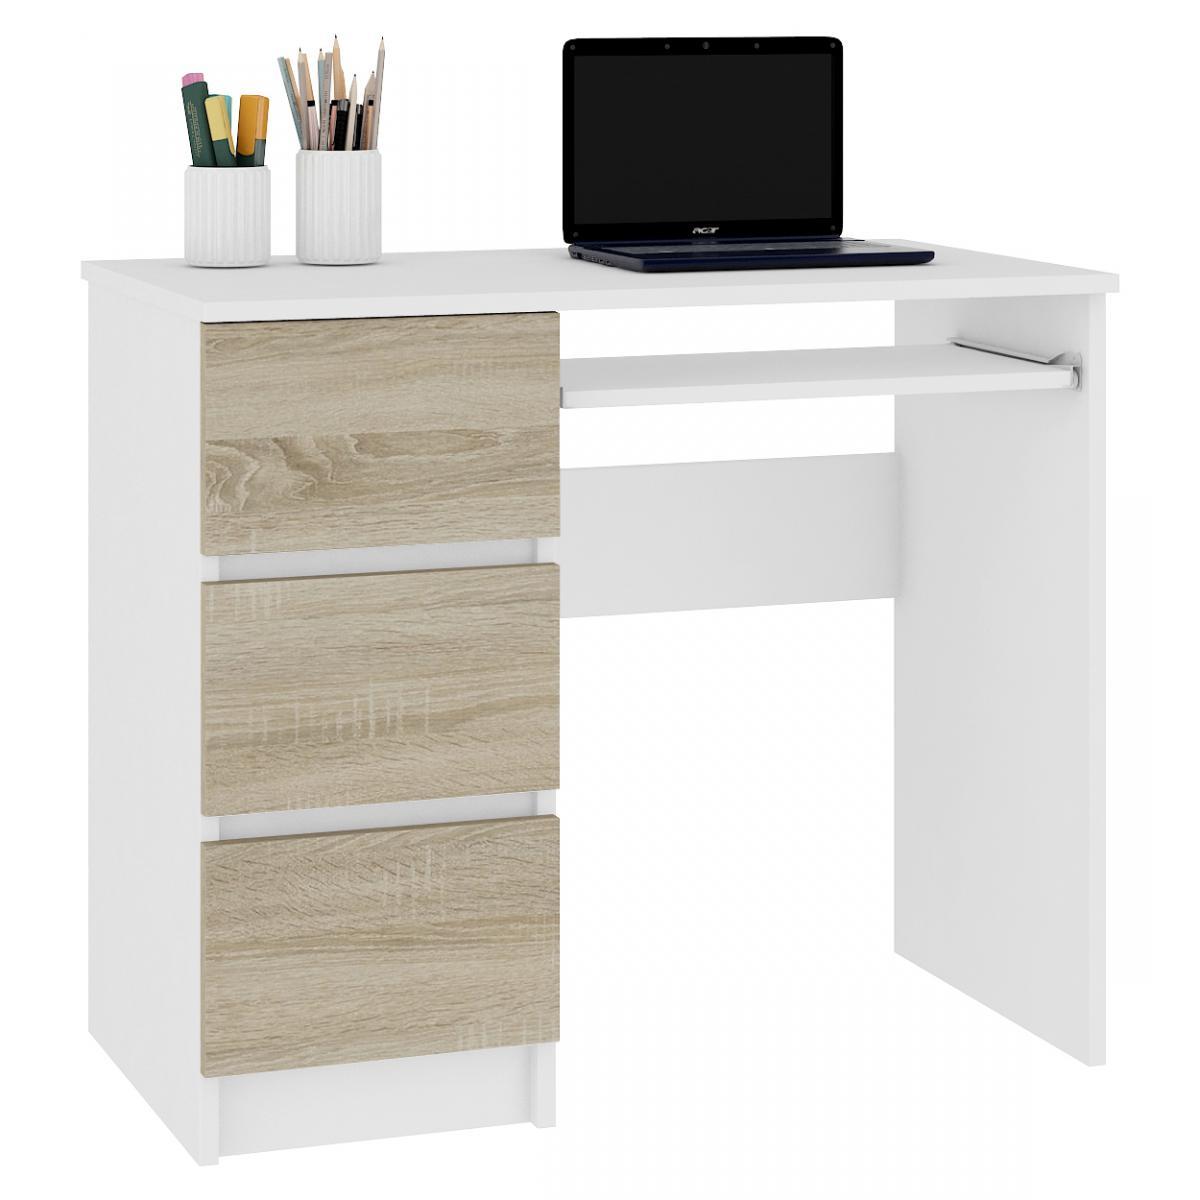 Hucoco MIR | Bureau informatique multimédia moderne 90x77x50 | 3 tiroirs + support clavier | Table ordinateur multi-rangements